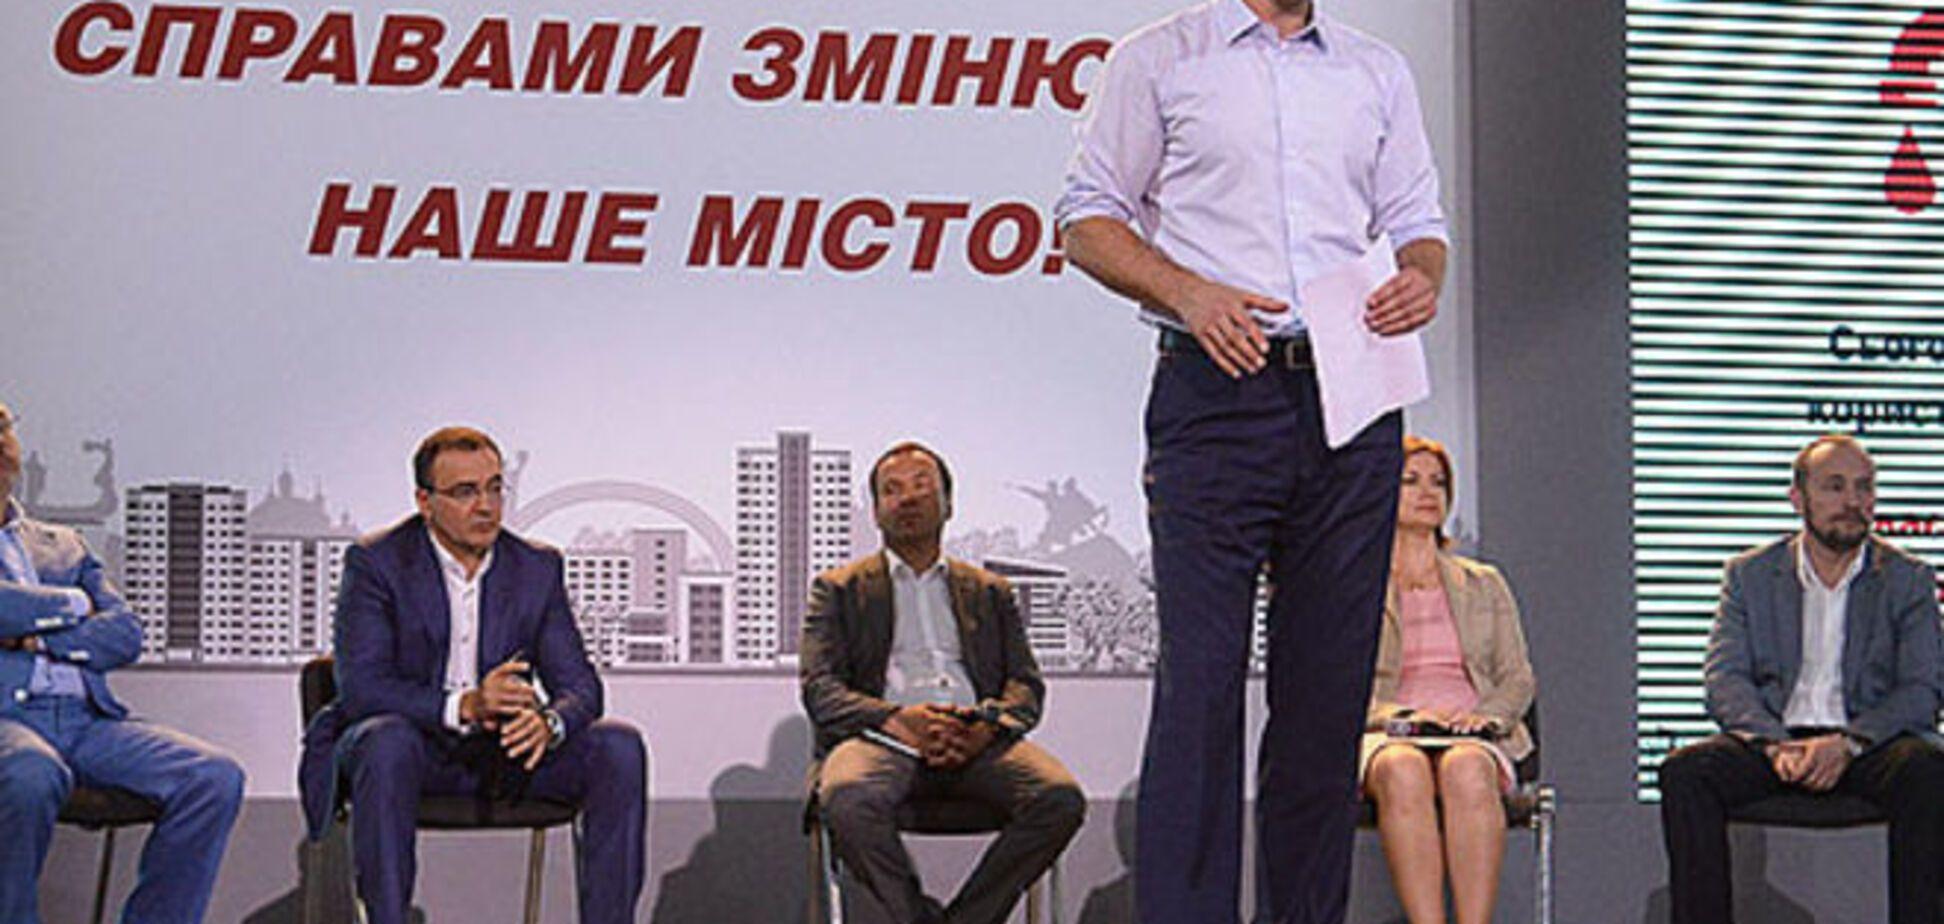 Кличко: у 2015 році в Києві відремонтують понад 1000 житлових будинків